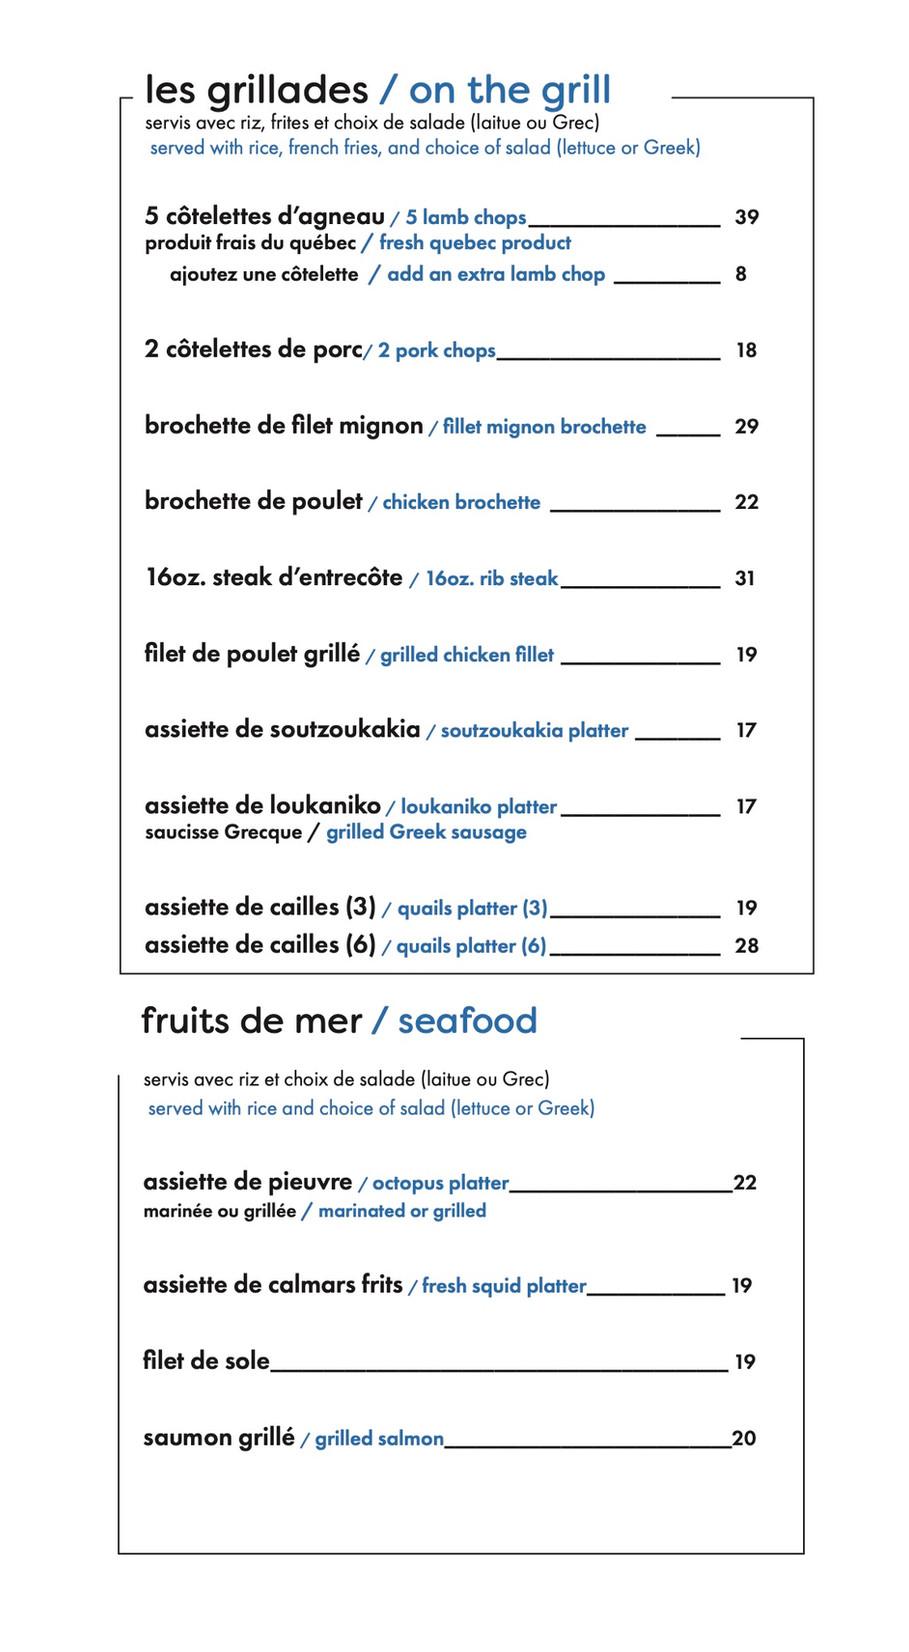 Souvlaki menu 5.jpg